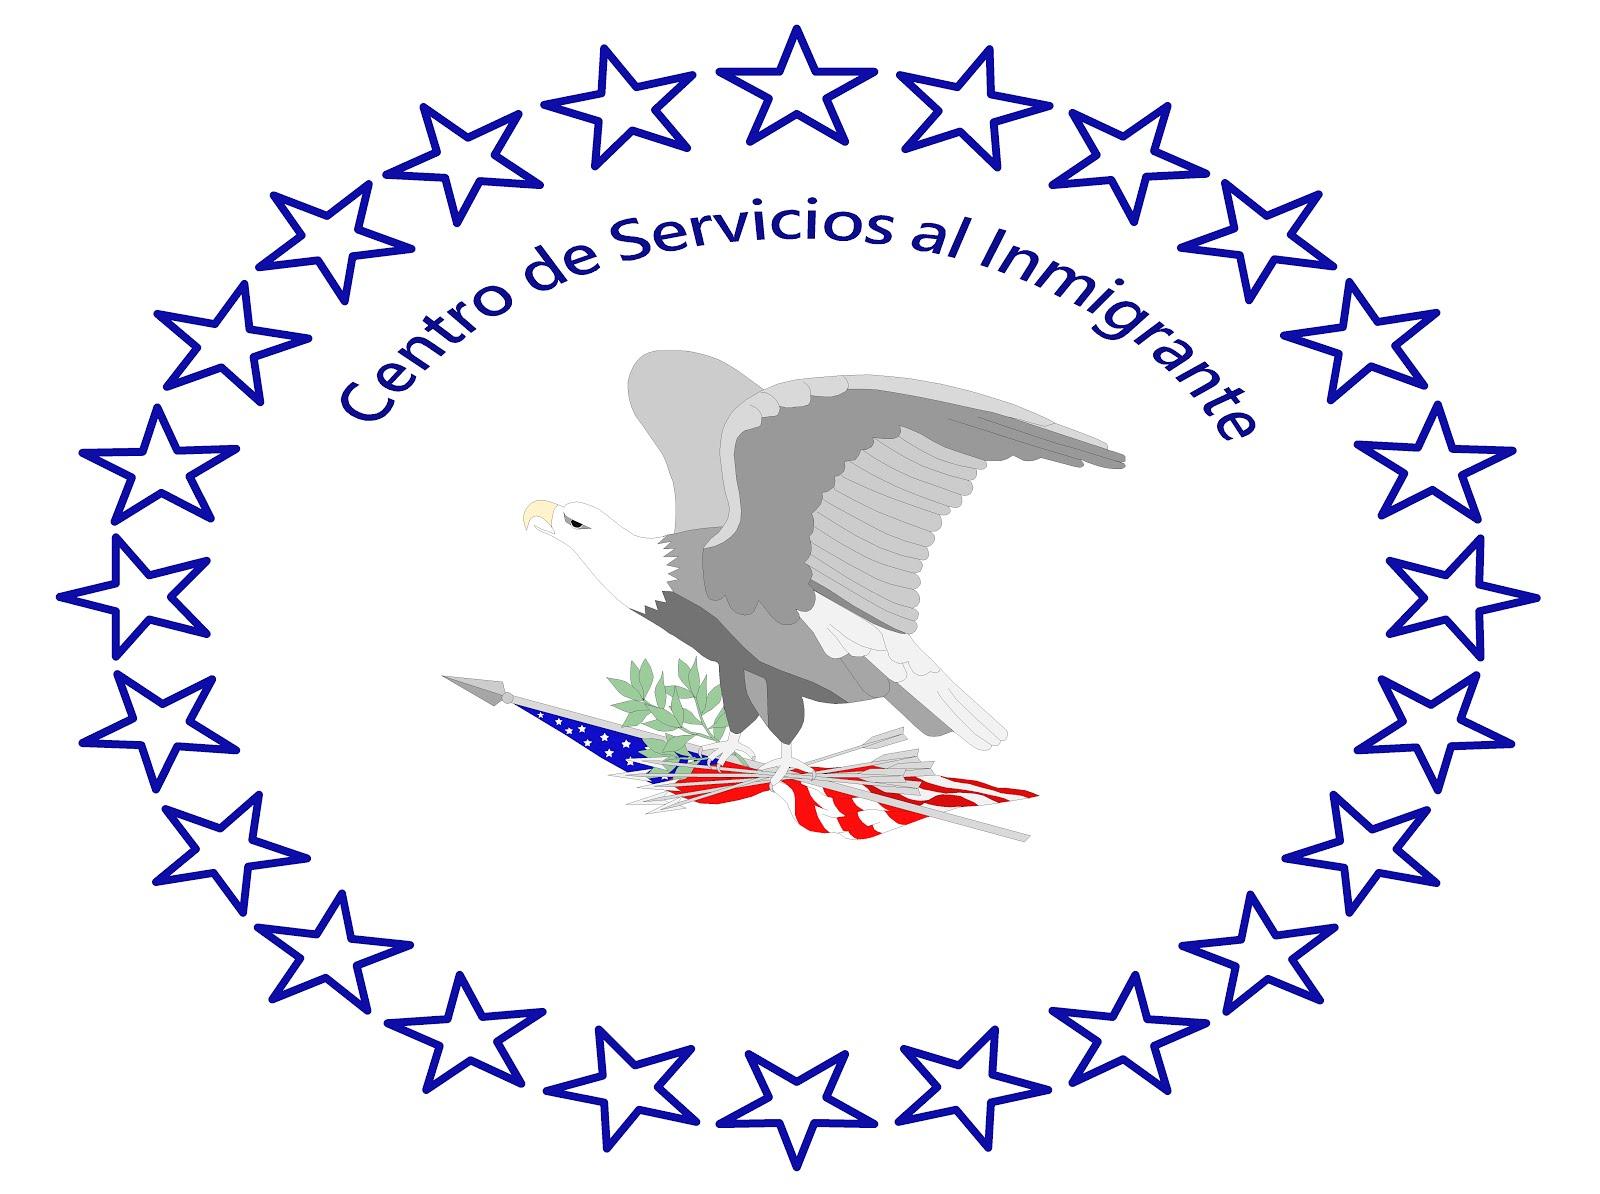 Apoyando y ayudando al inmigrante